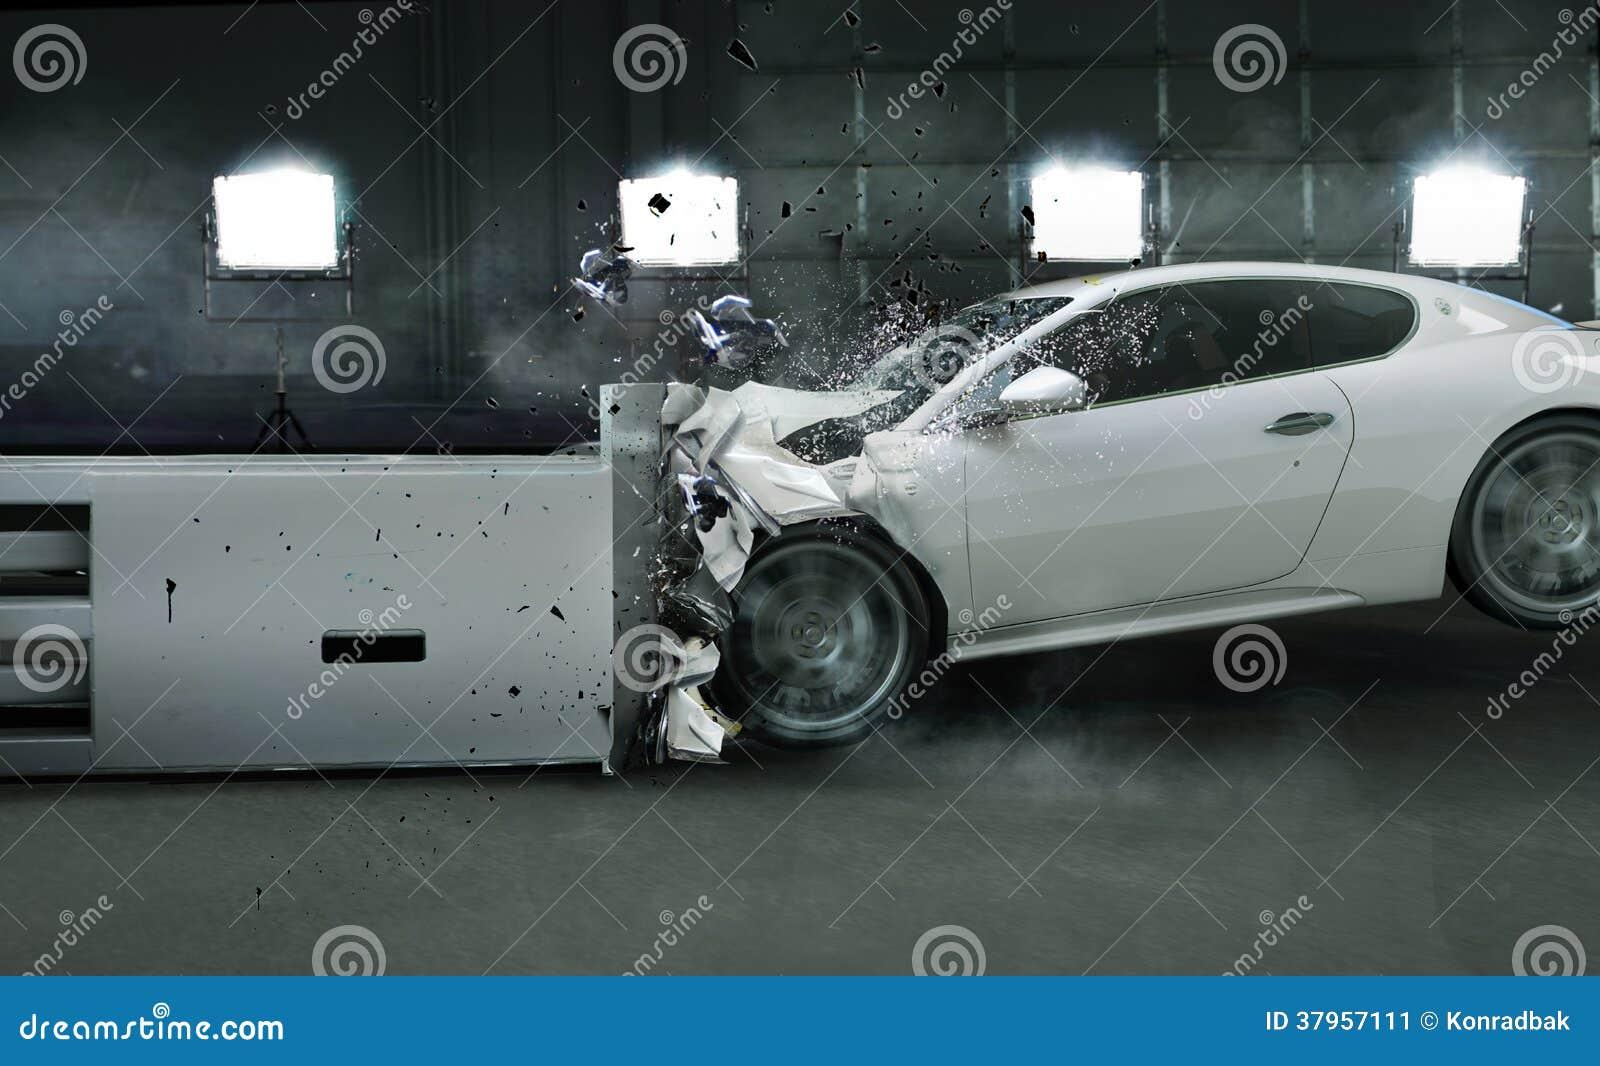 Art photo of crashed car